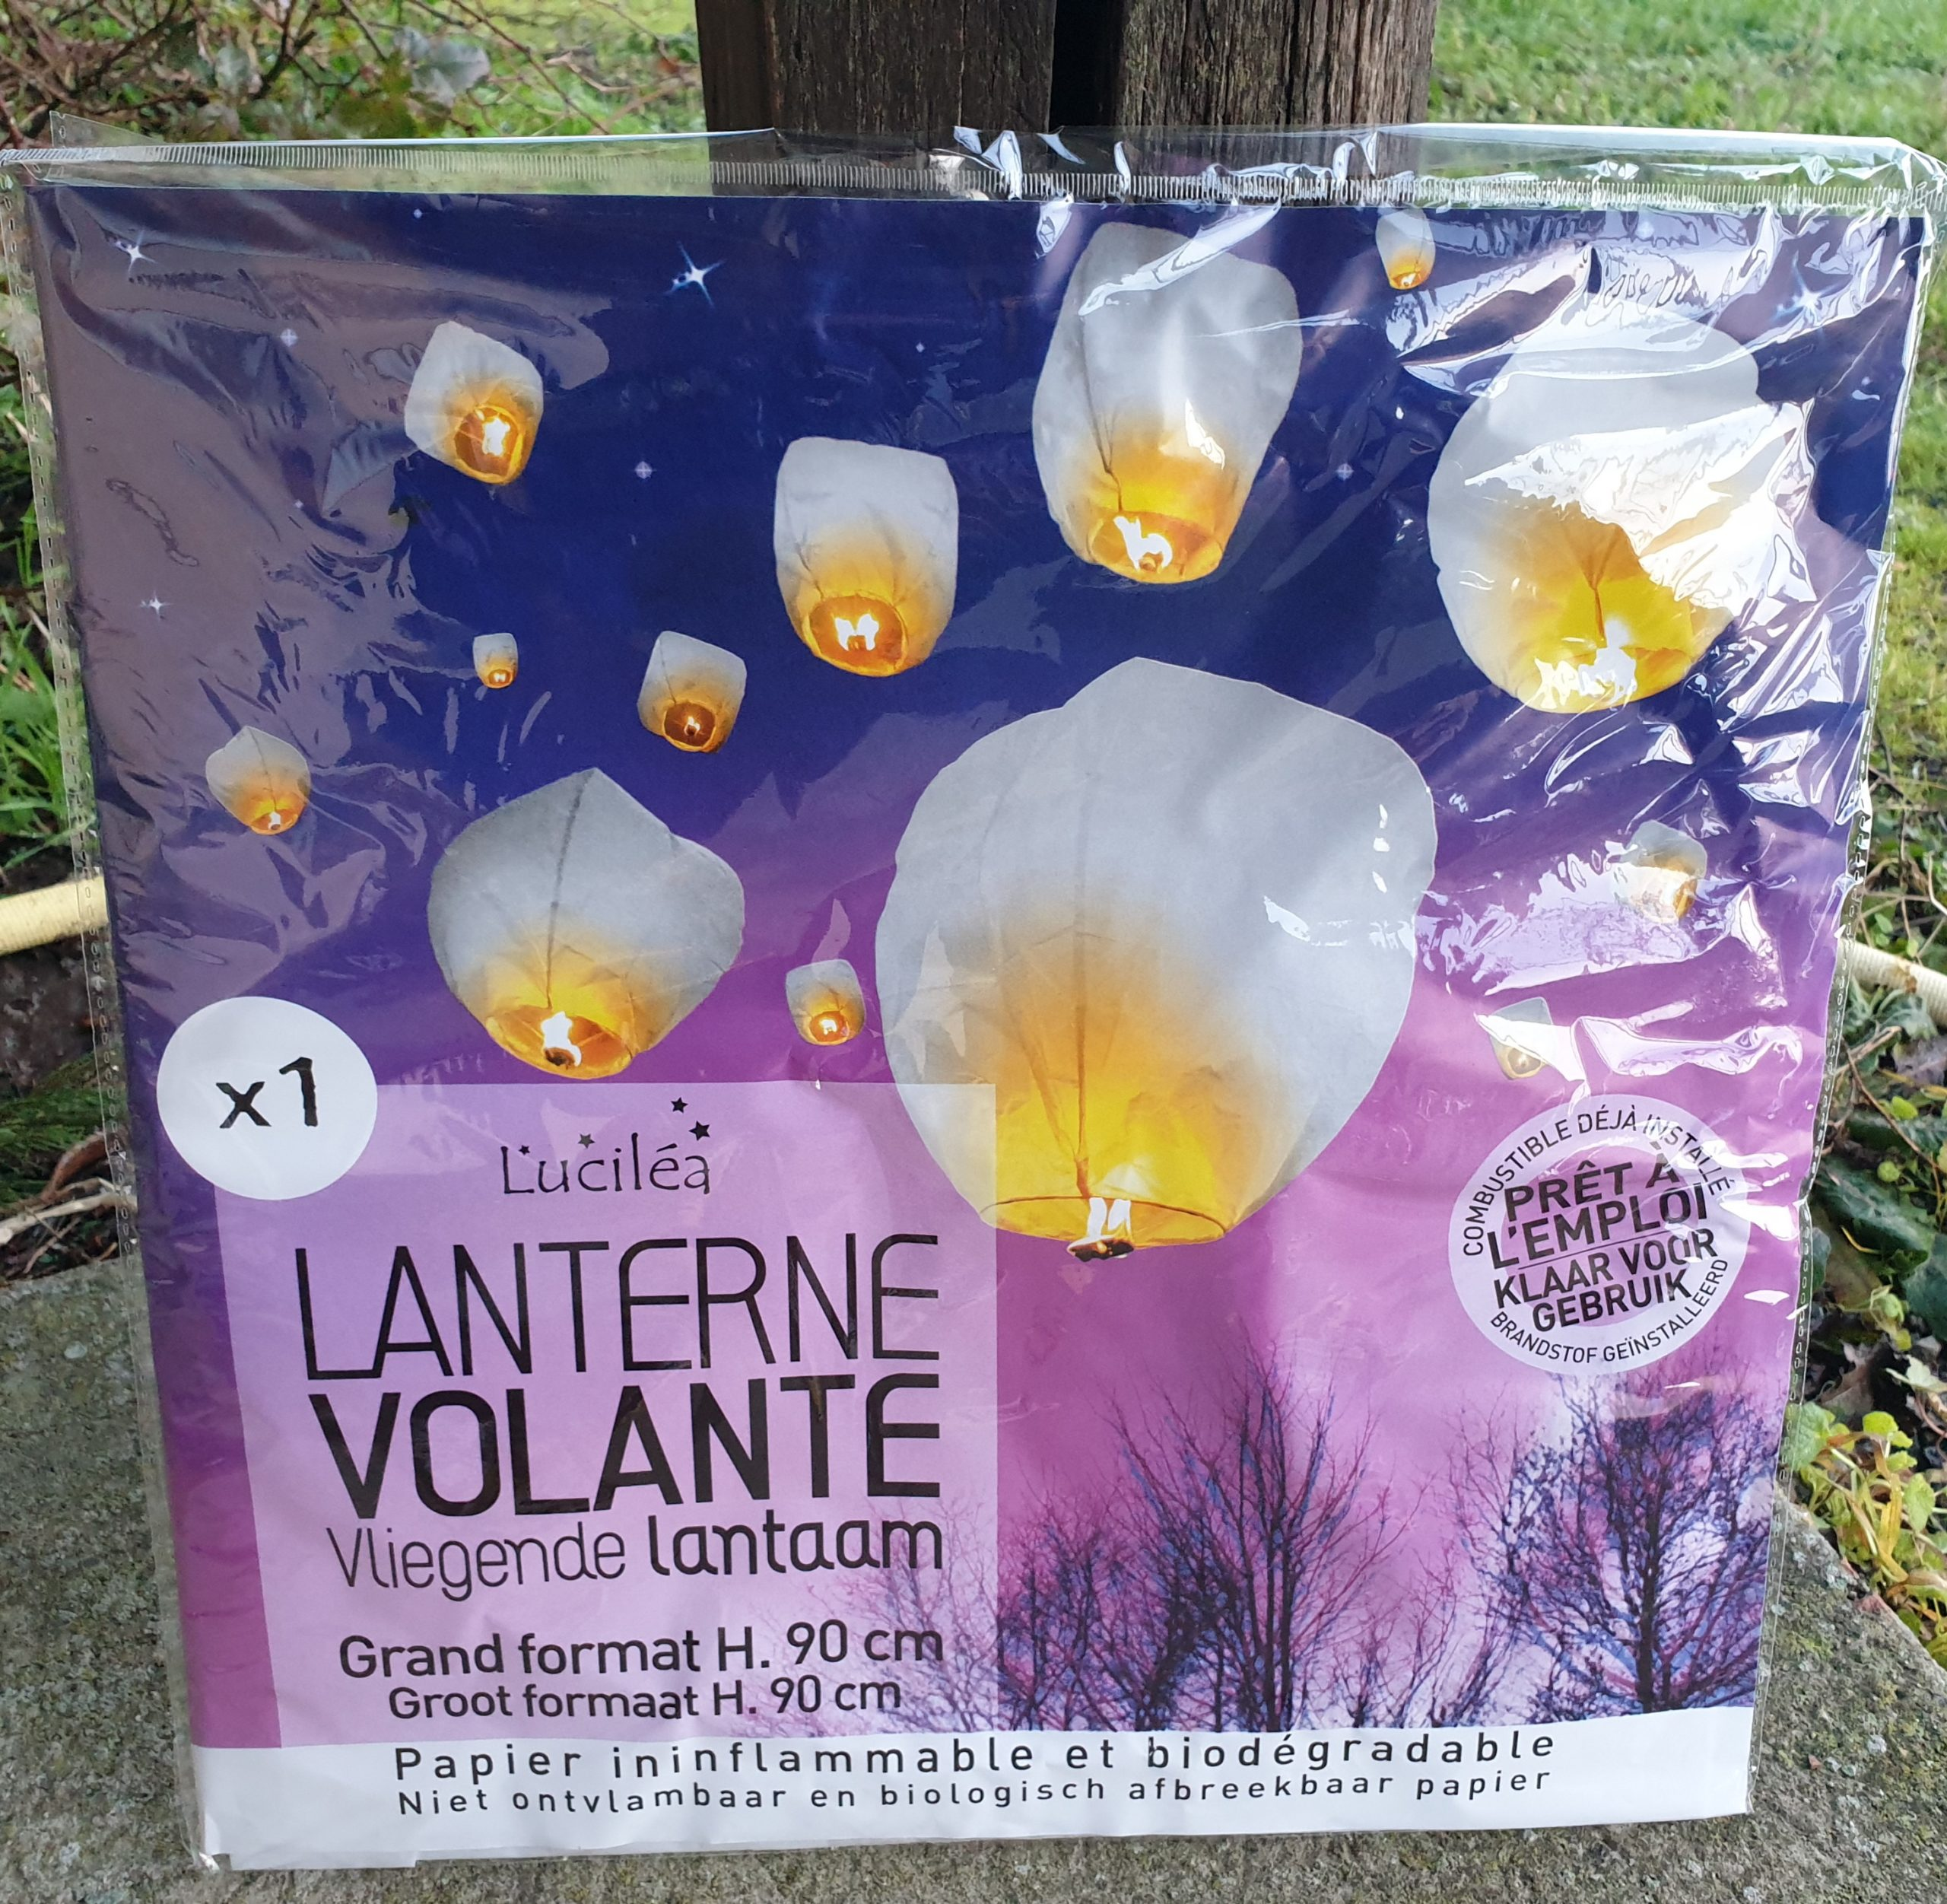 Lâché de lanterne